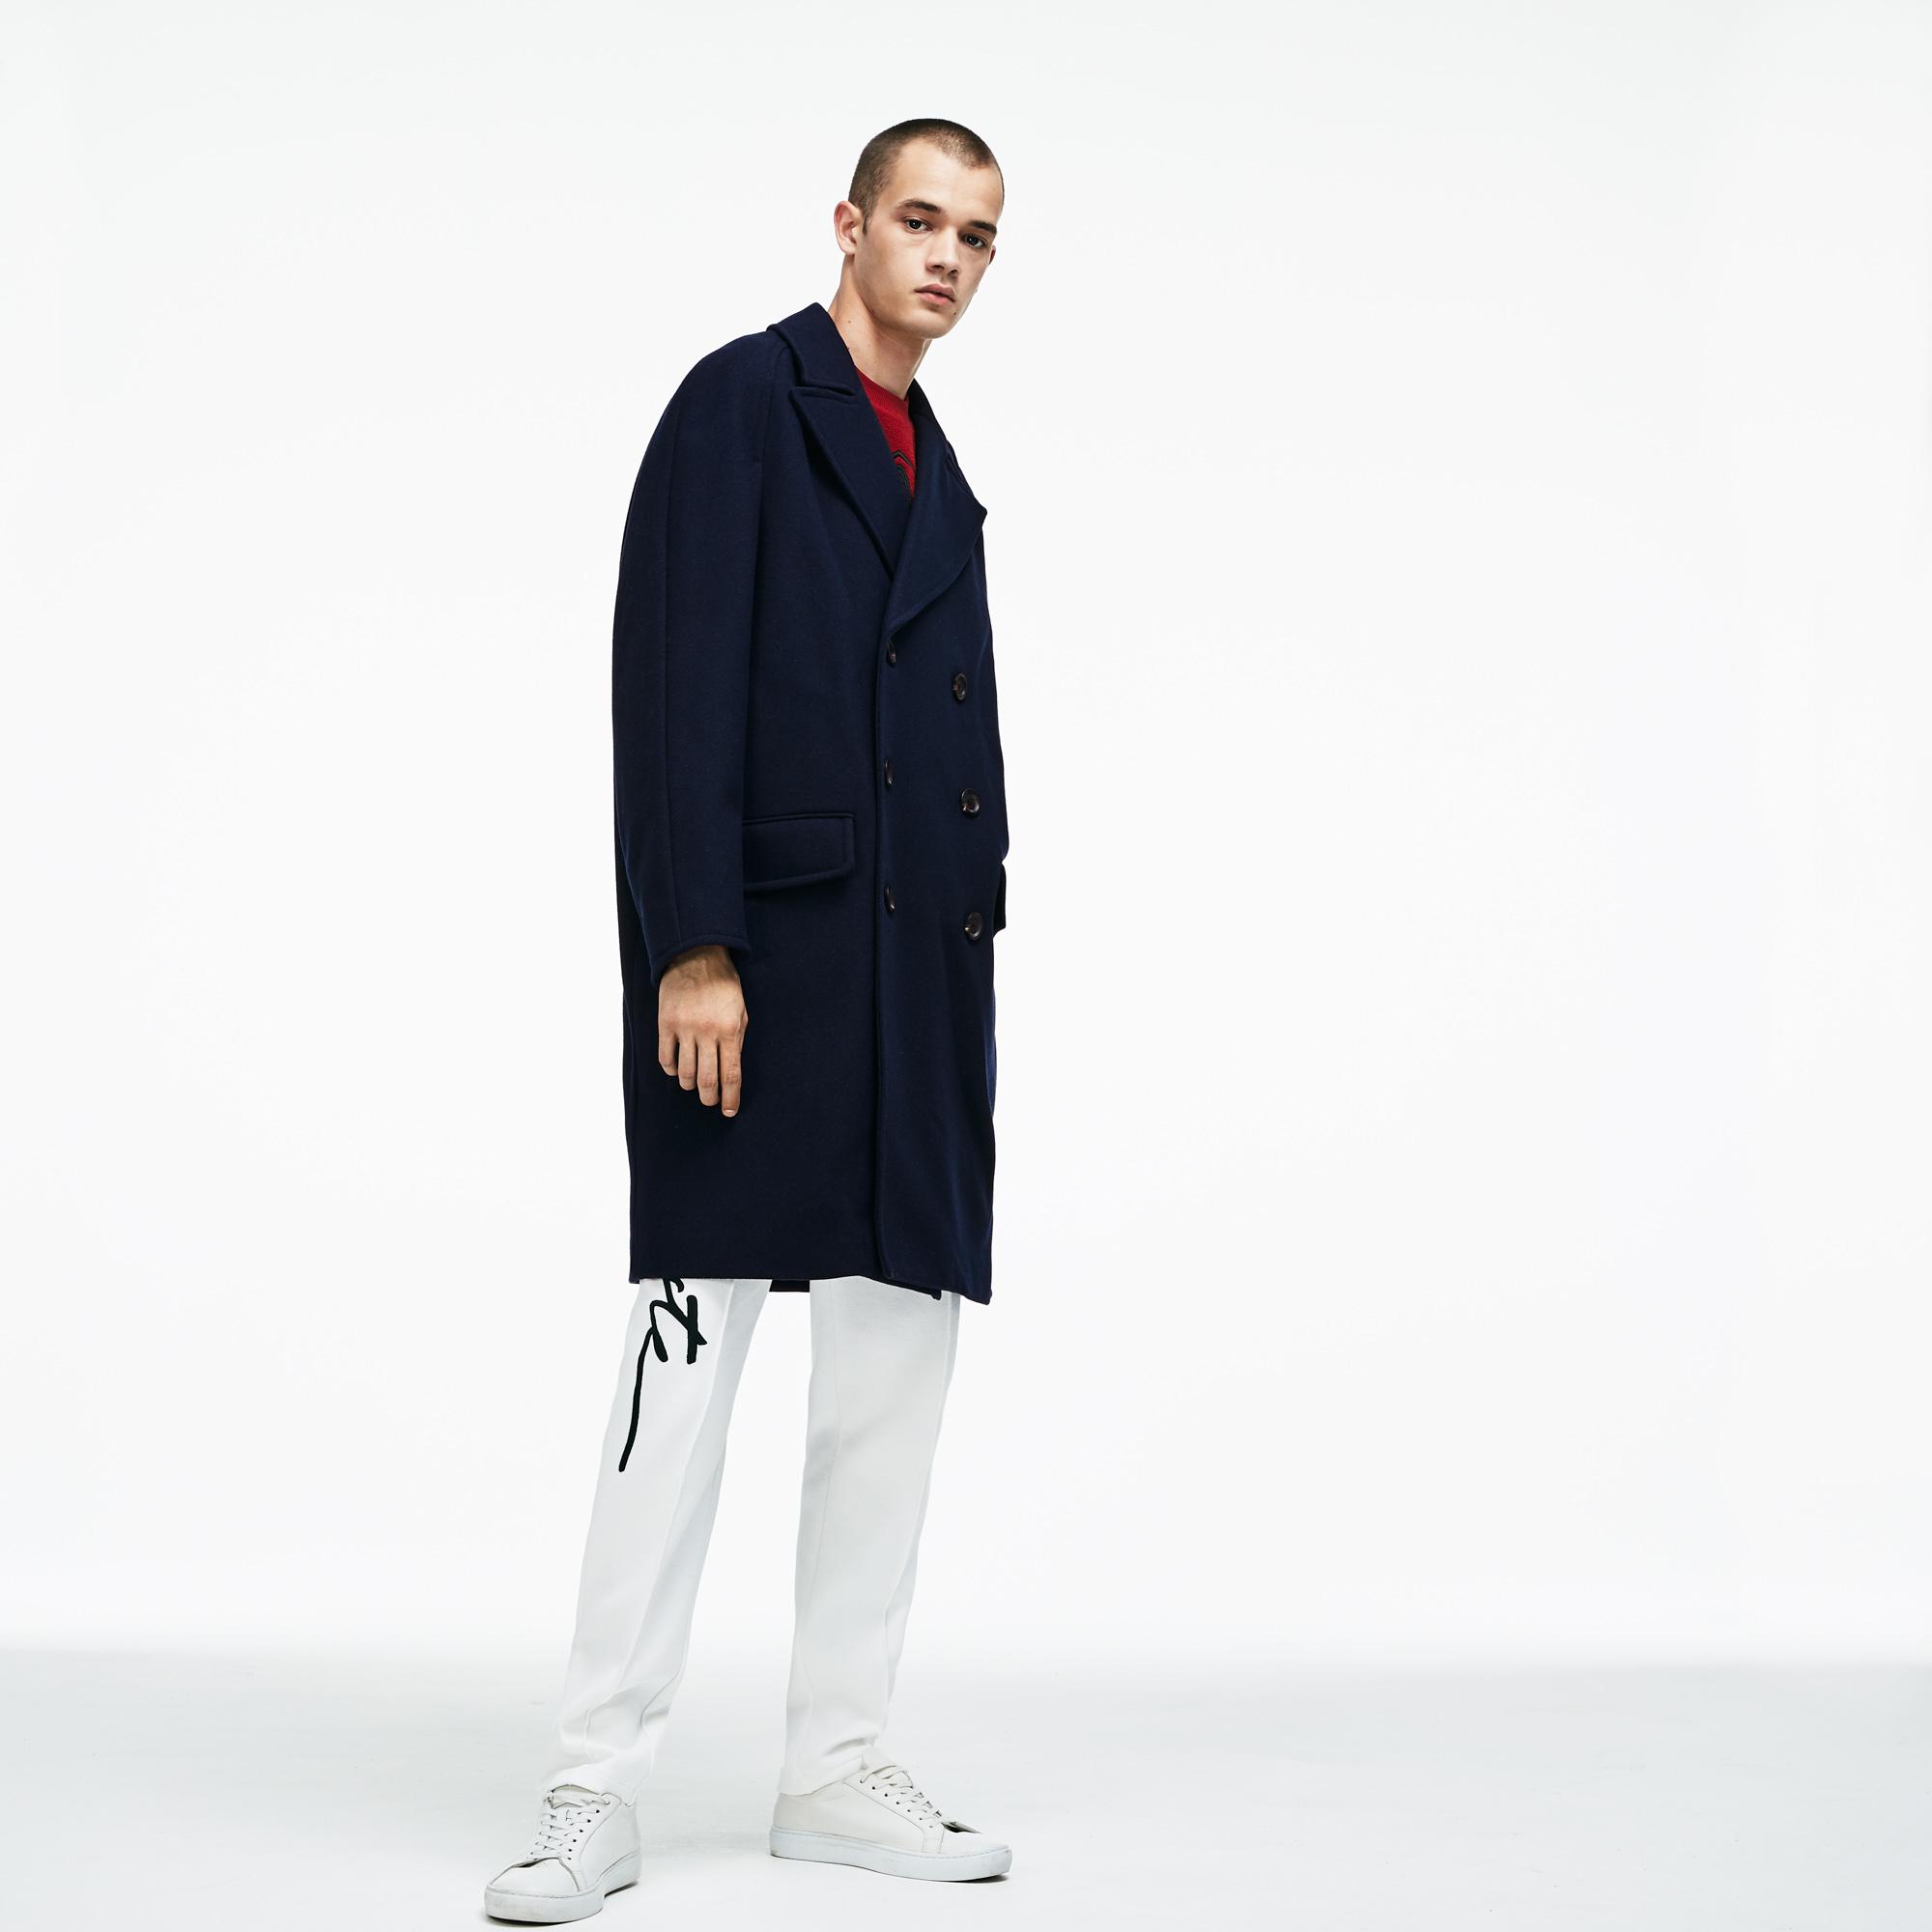 Куртка LacosteВерхняя одежда<br>Детали: съемный воротник из искусственного меха;\На пуговицах;\Боковые карманы;\Прорезной карман в рамку с вставным клапаном;\Вышитый логотип Lacoste в тон изделия\Материал: 89% полиэстер 11% эластан 100% полиамид 72% акрил 28% полиэстер